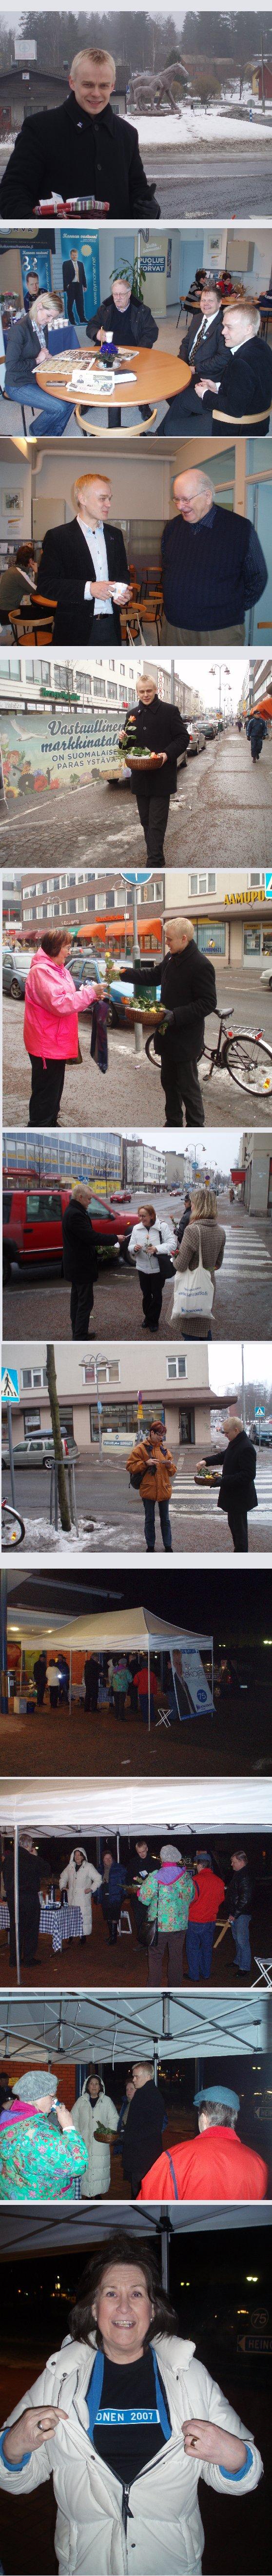 Naistenpäivän kiertueella kävimme Humppilassa, Ypäjällä, Forssassa, Riihimäellä ja Hausjärvellä.